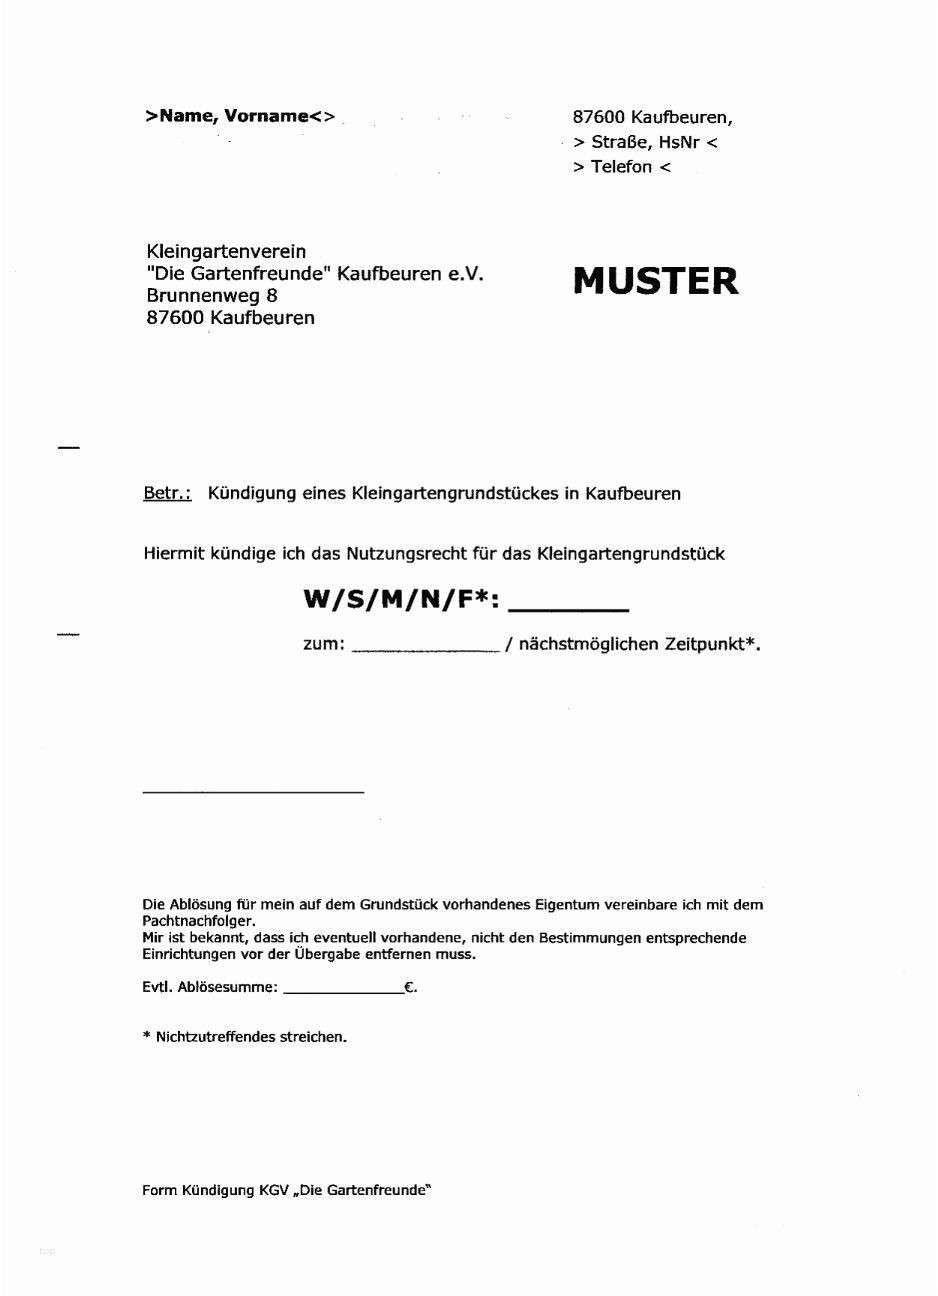 Sauberkomfortabel Hausarztvertrag Kundigen Vorlage In 2020 Vorlagen Vorlage Deckblatt Bewerbung Lebenslauf Vorlagen Word